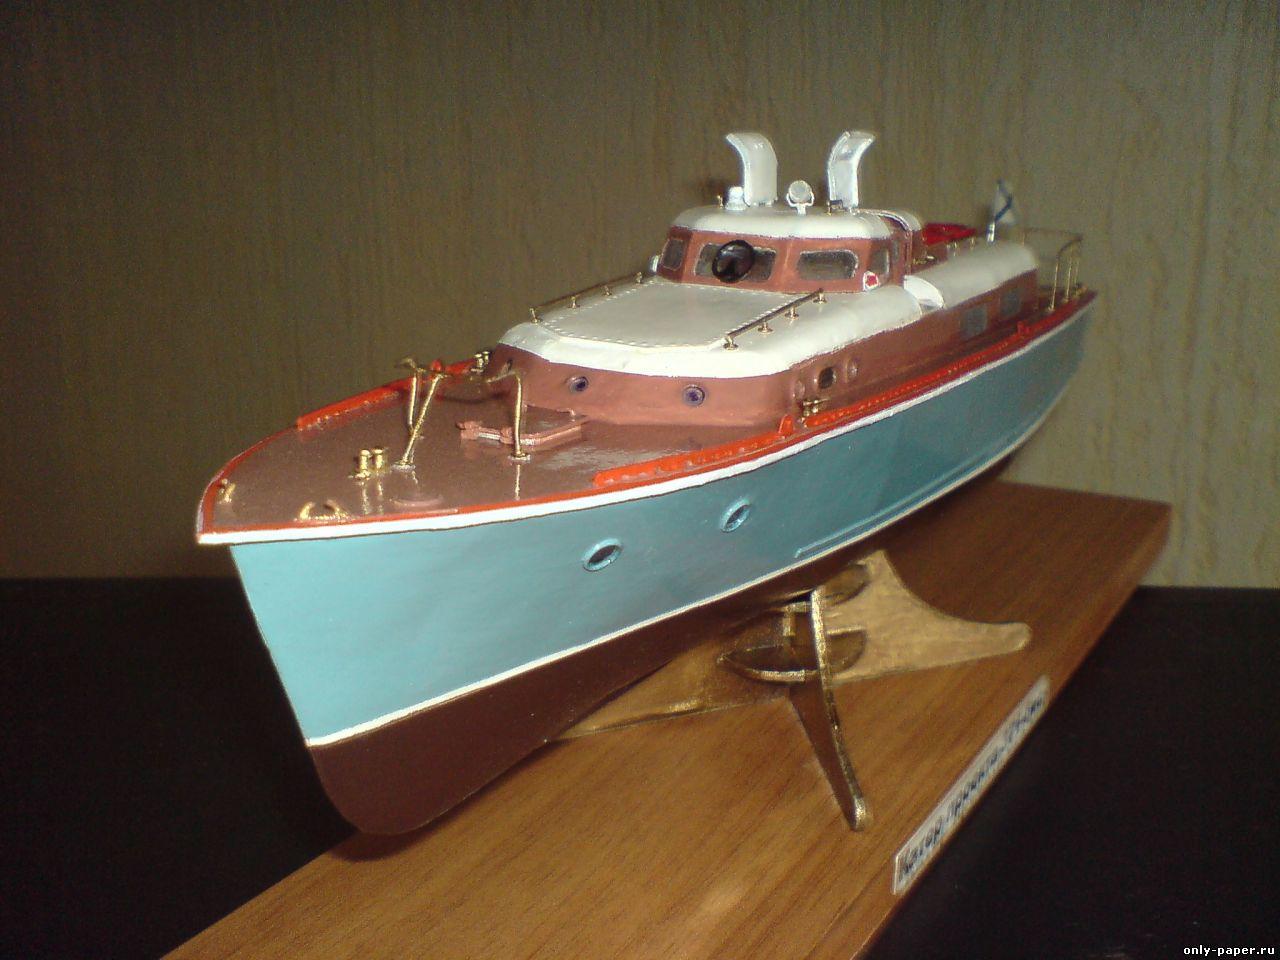 Лодки своими руками Пароходофф: Обзоры водной техники и 21